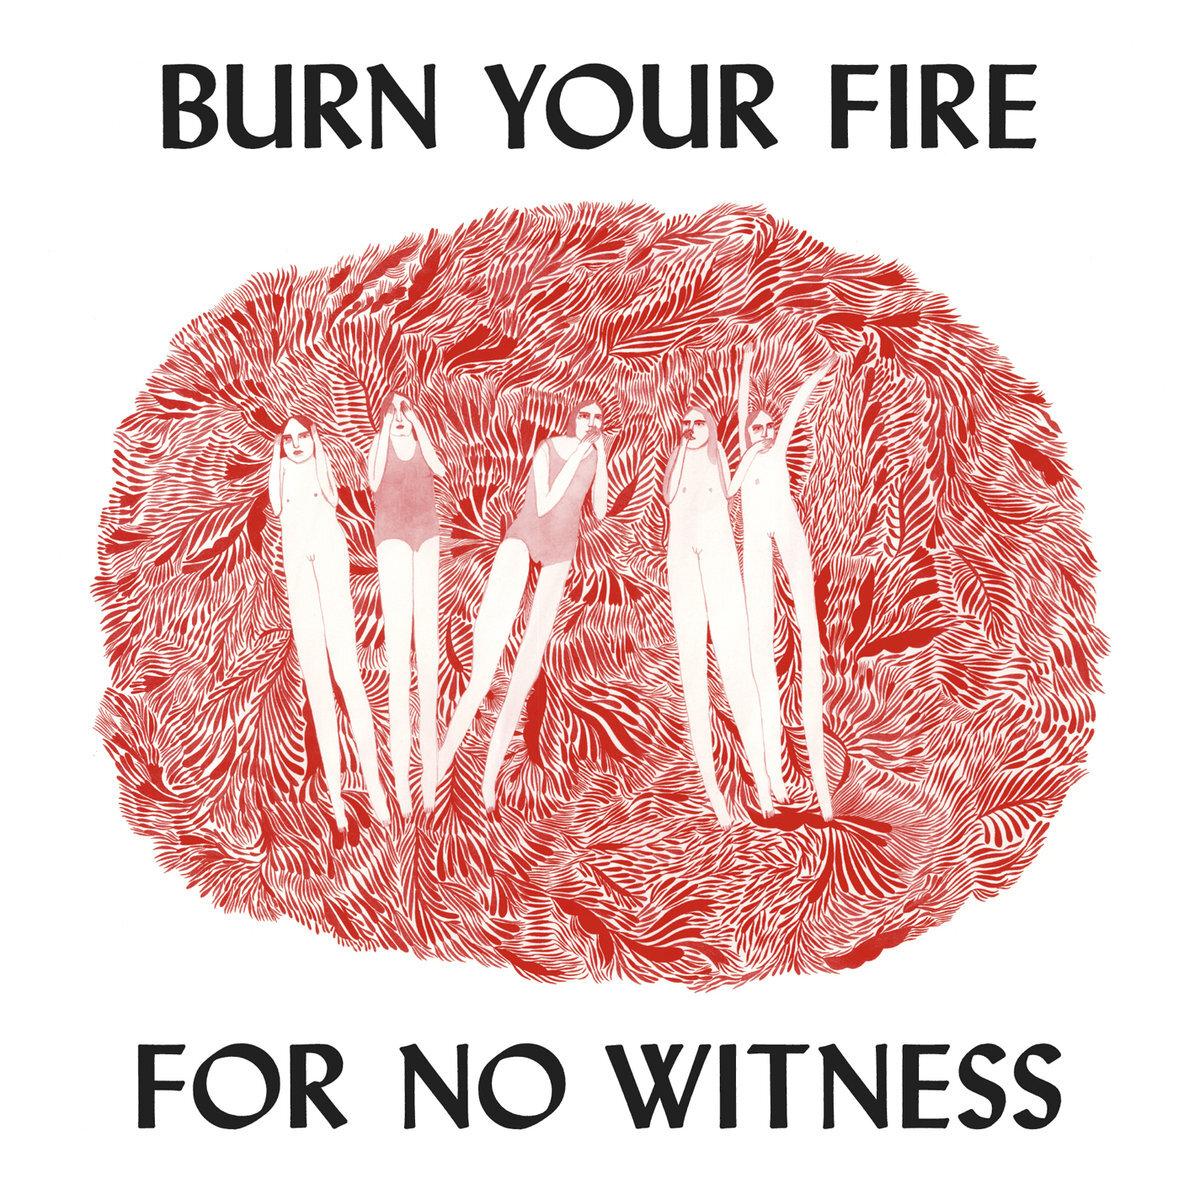 Angel Olsen / Burn Your Fire For No Witness(Ltd Japanese LP w Obi)